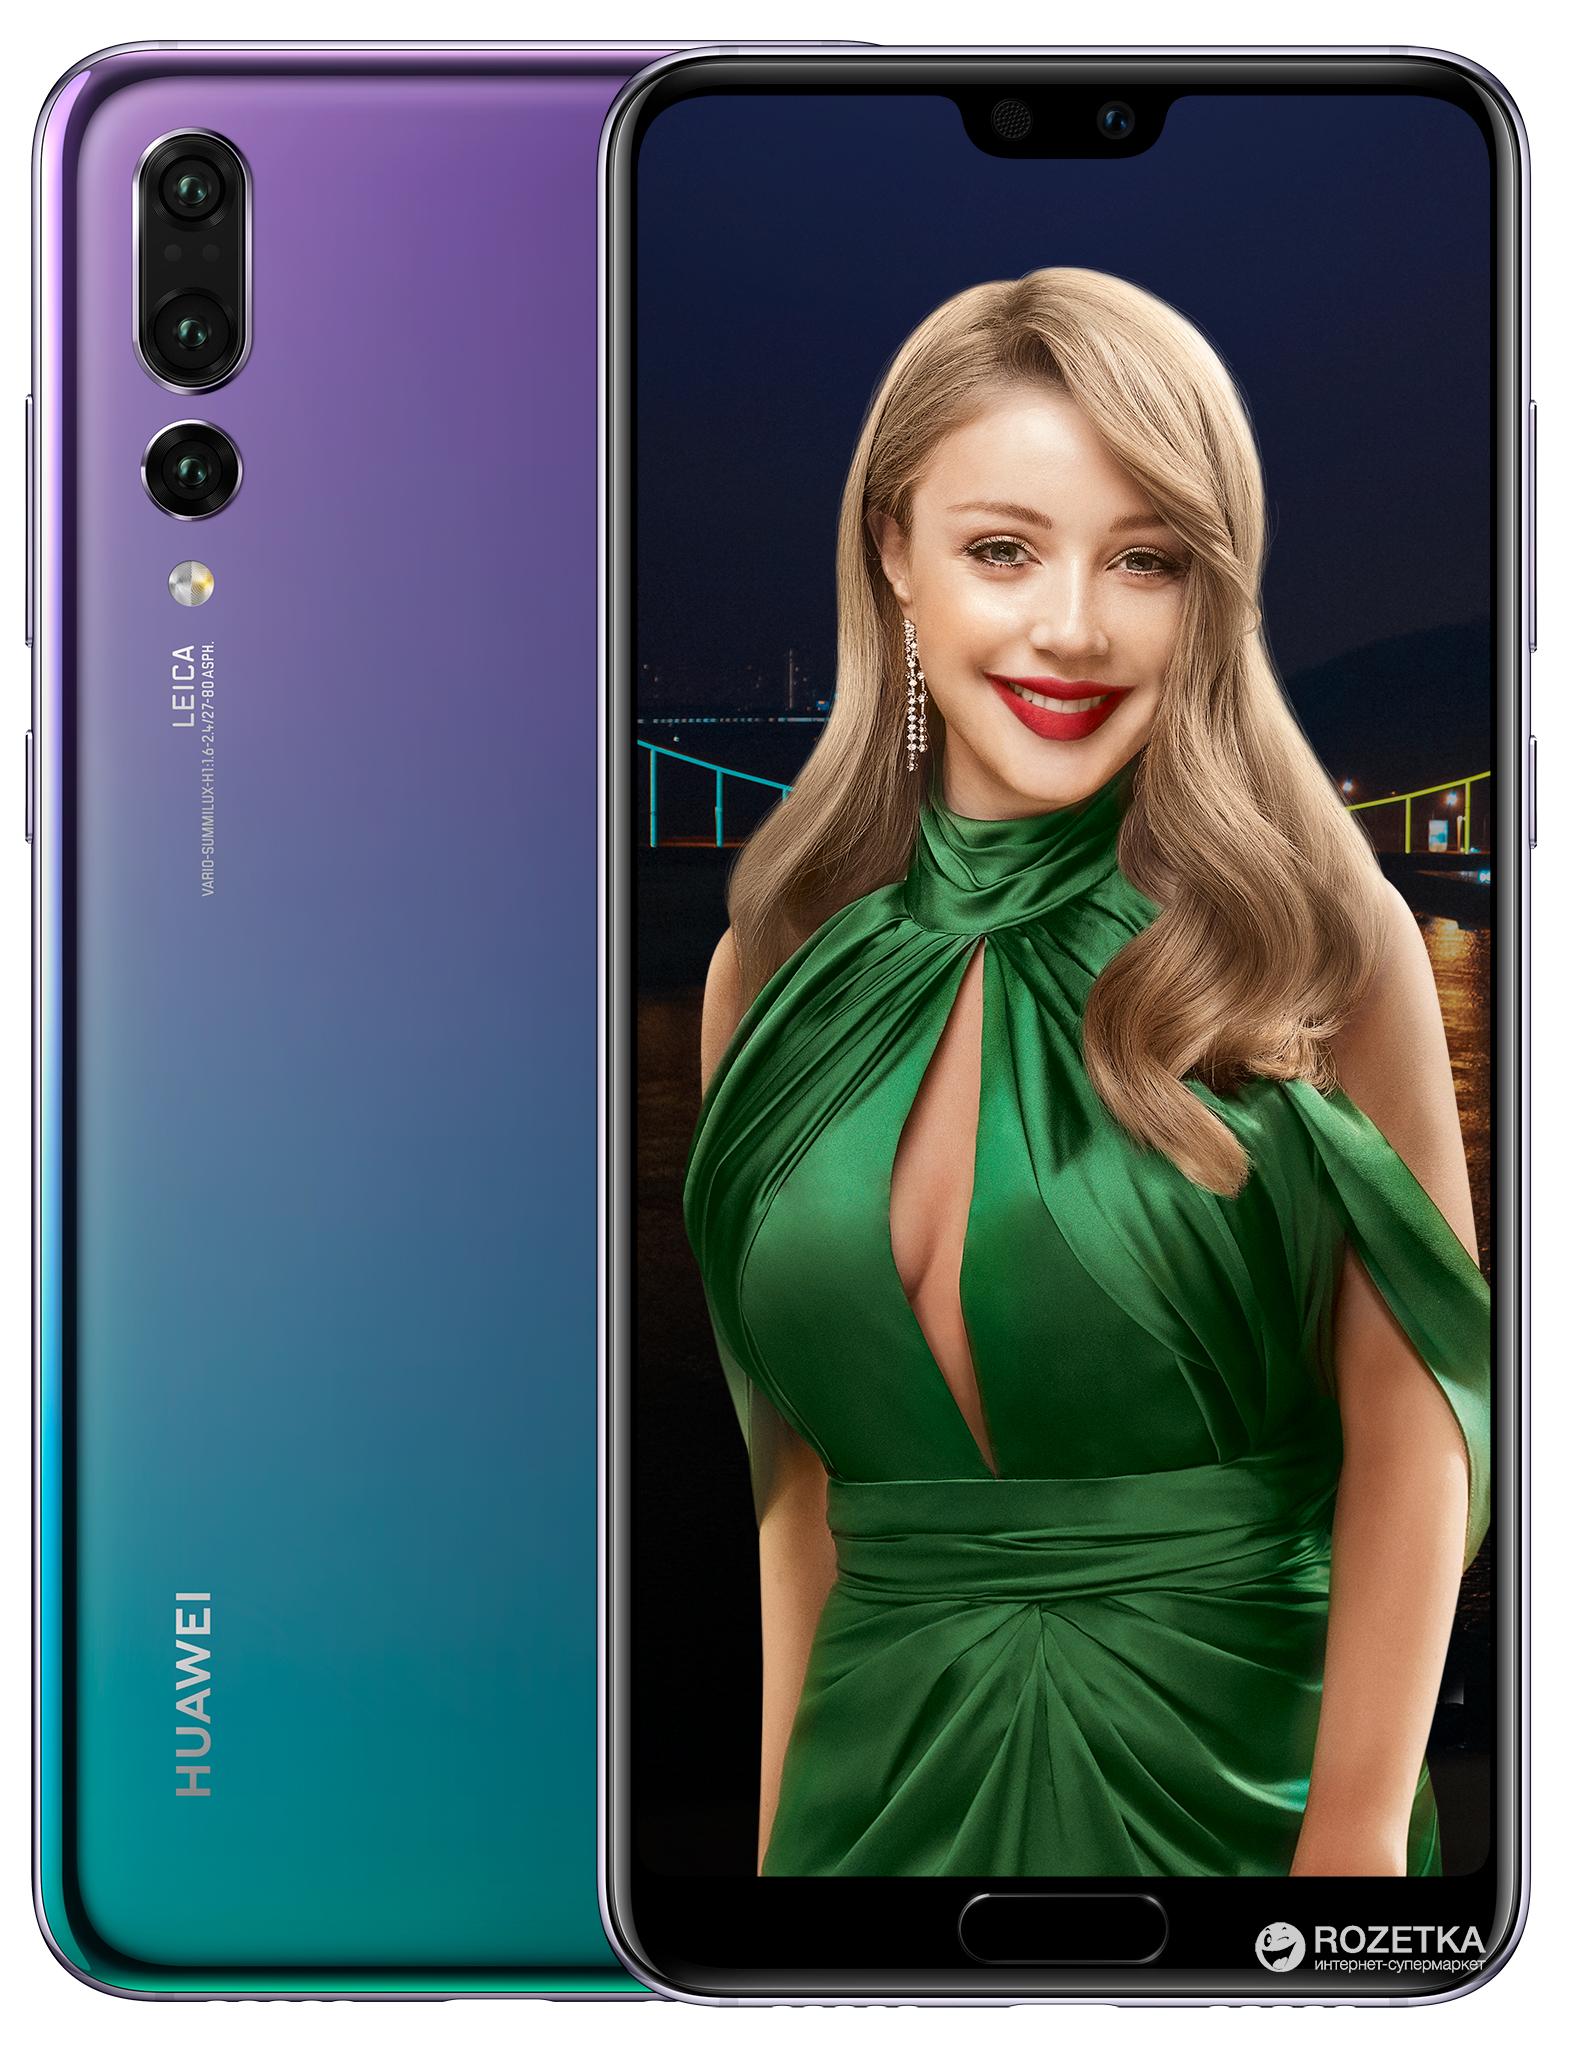 Huawei P20 Pro Twilight equipo